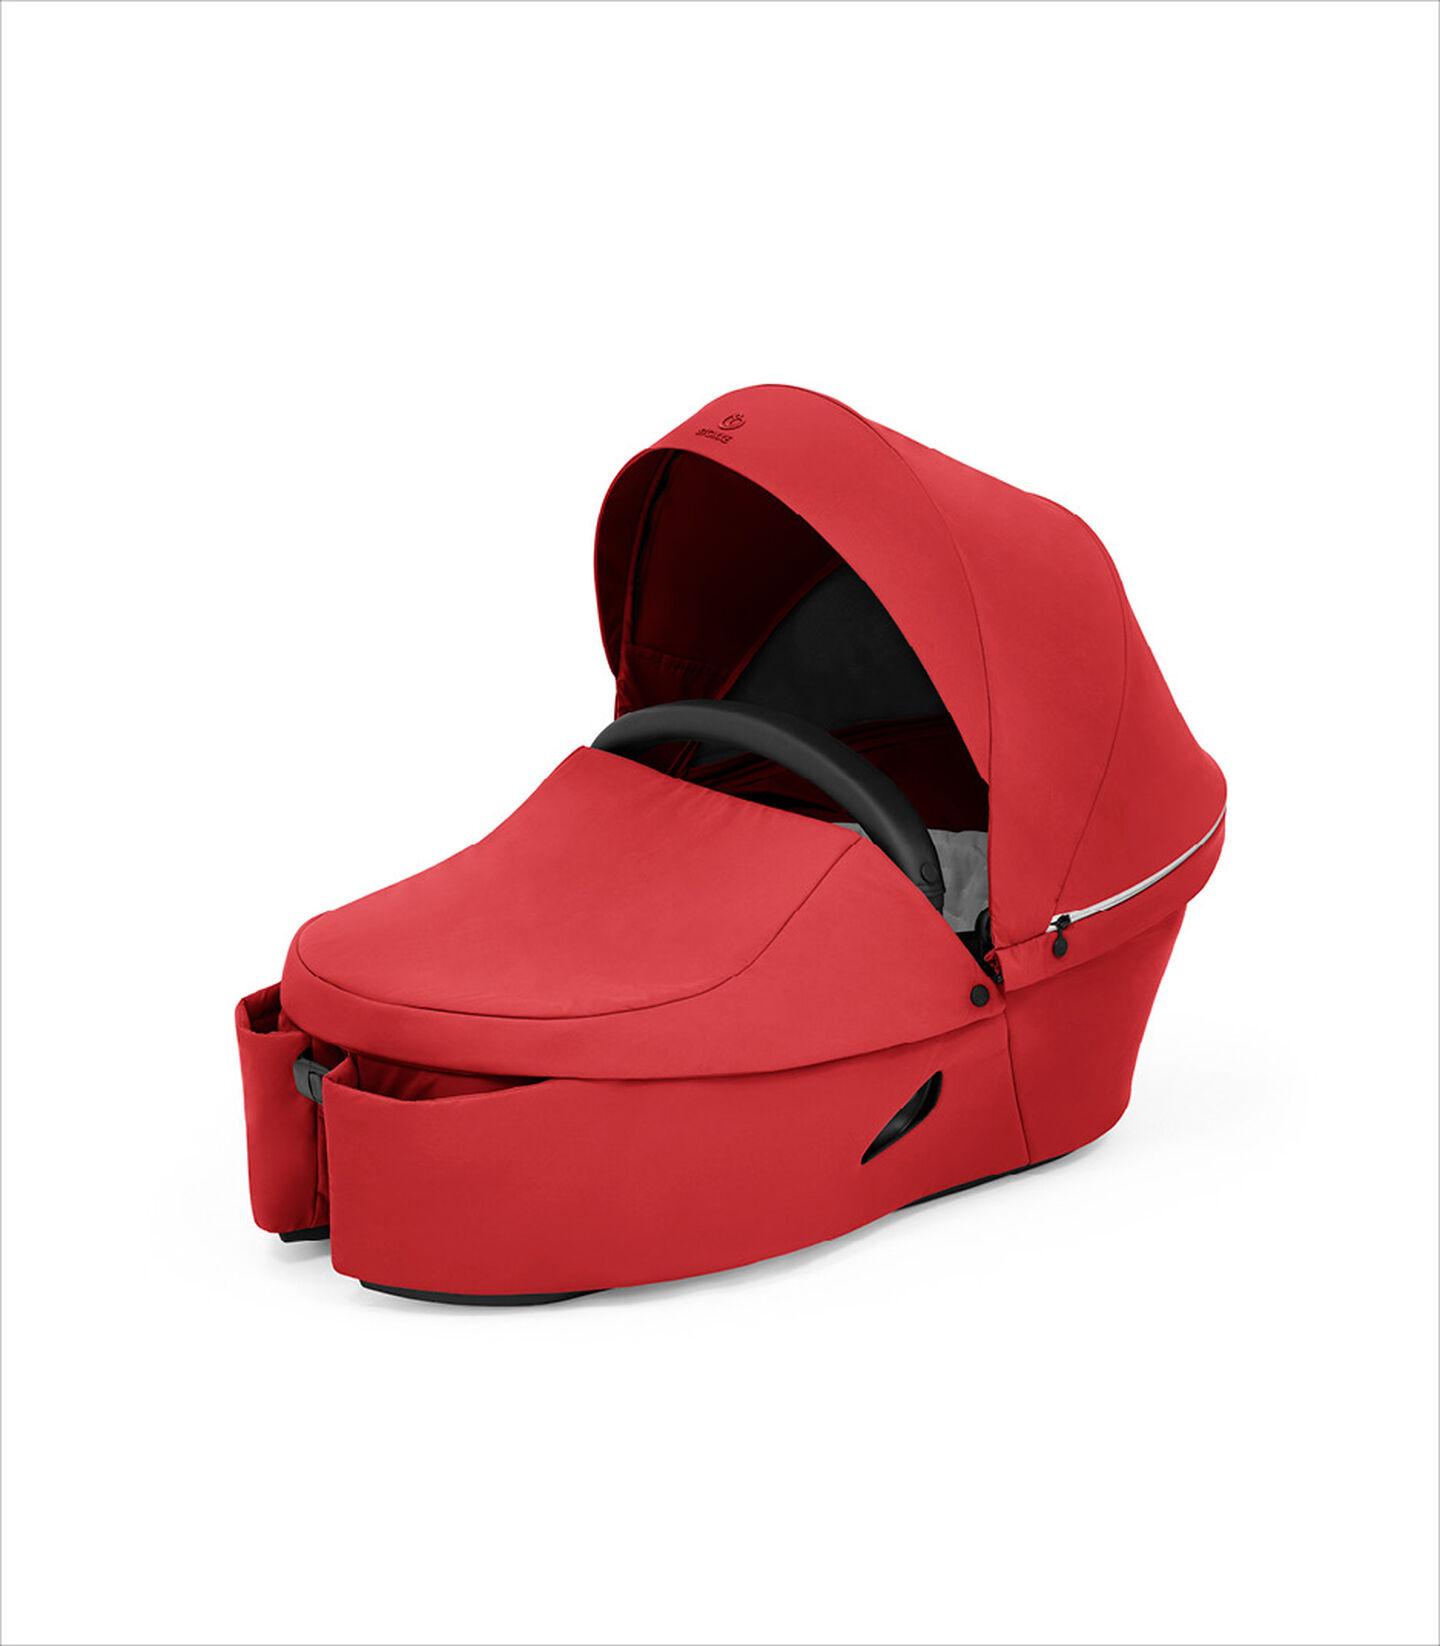 Stokke® Xplory® X Carry Cot Ruby Red, Rubinowa czerwień, mainview view 2